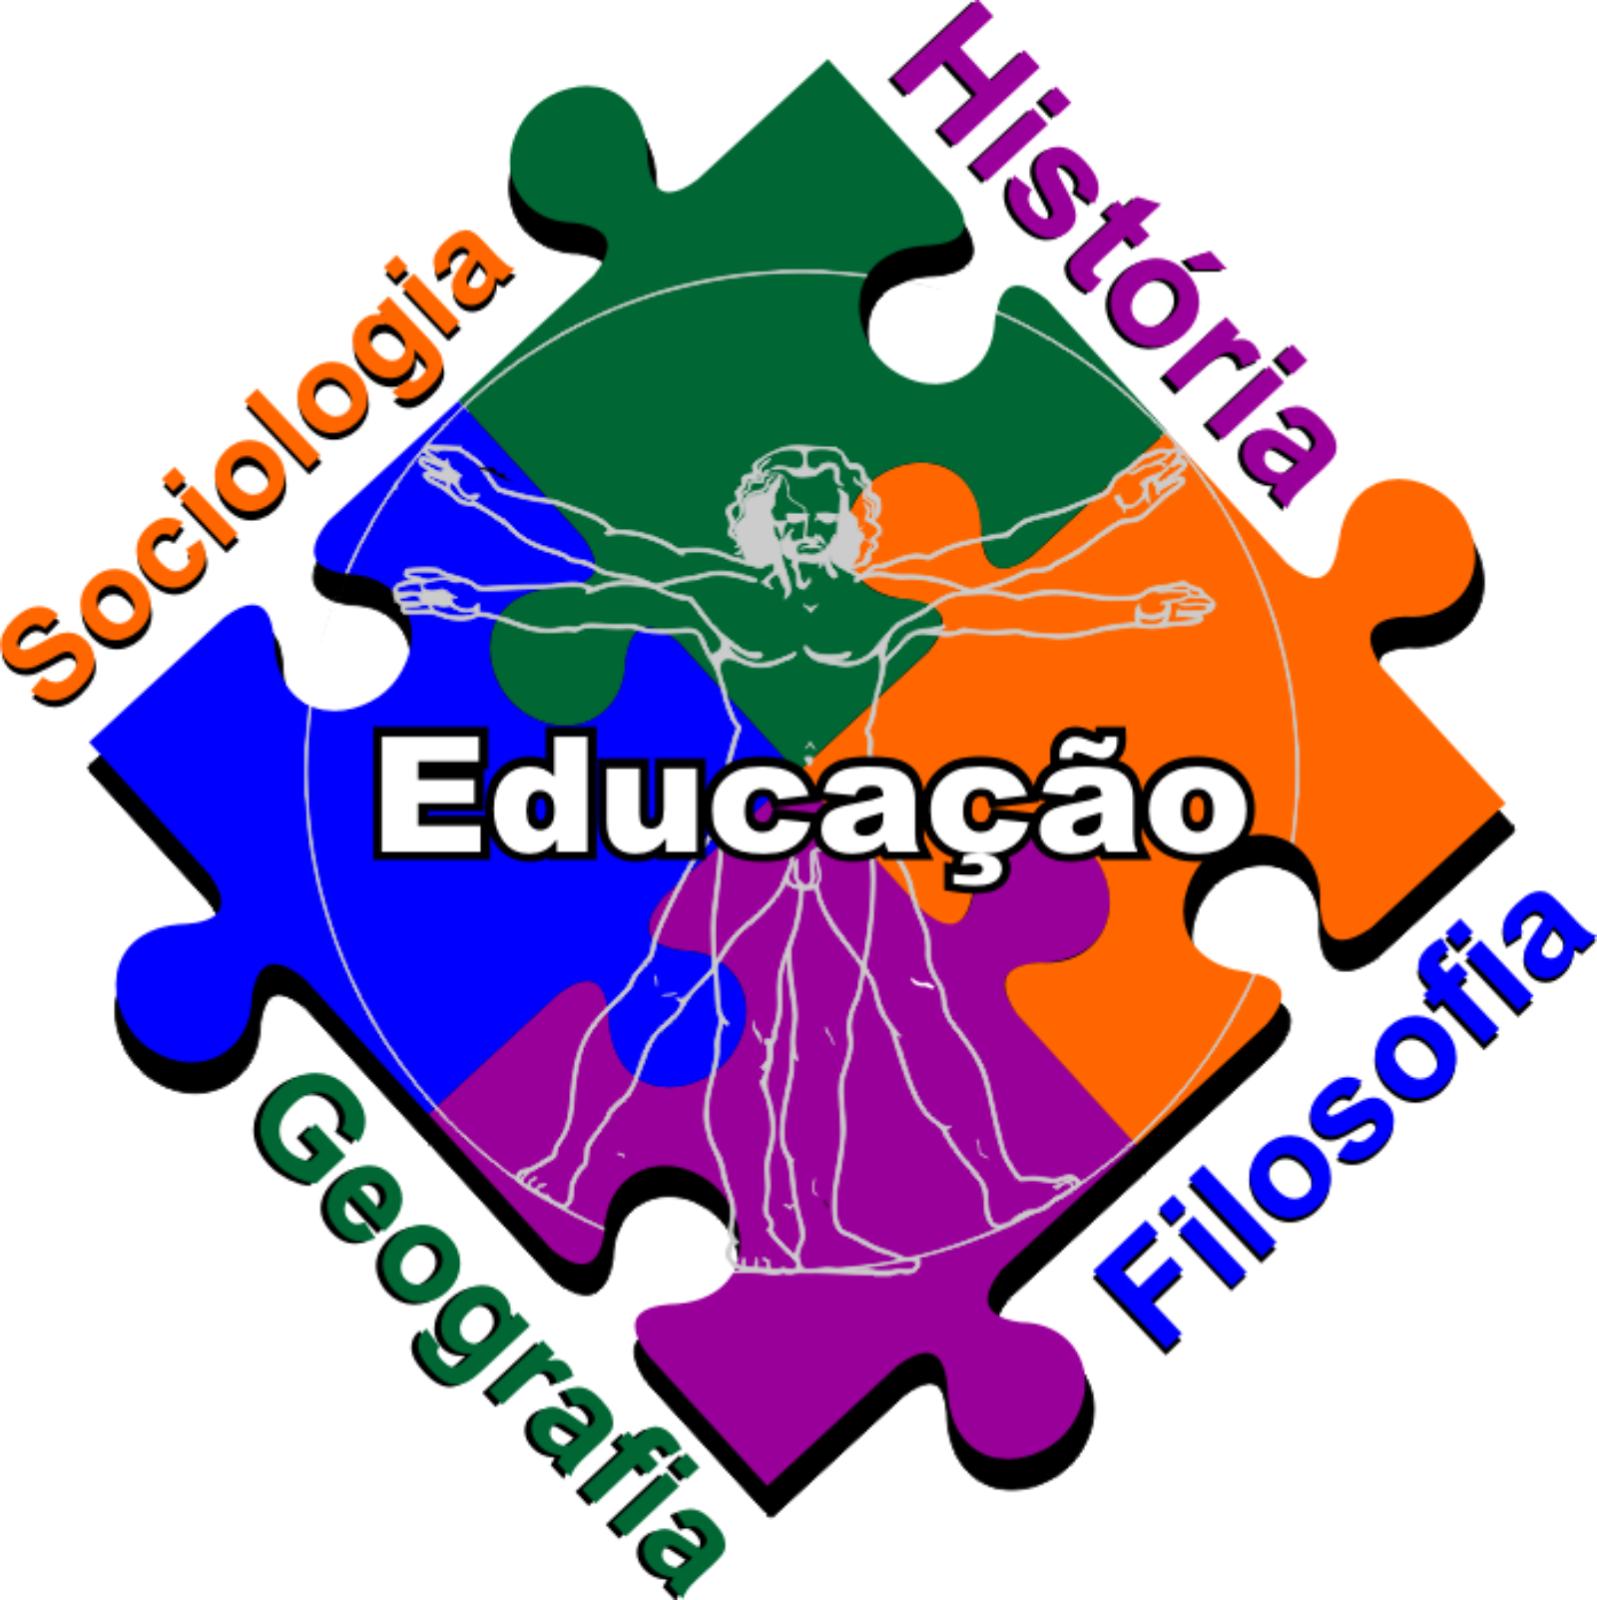 Ciências Na Escola, Do MCTIC, Excluirá Ciências Humanas E Sociais.